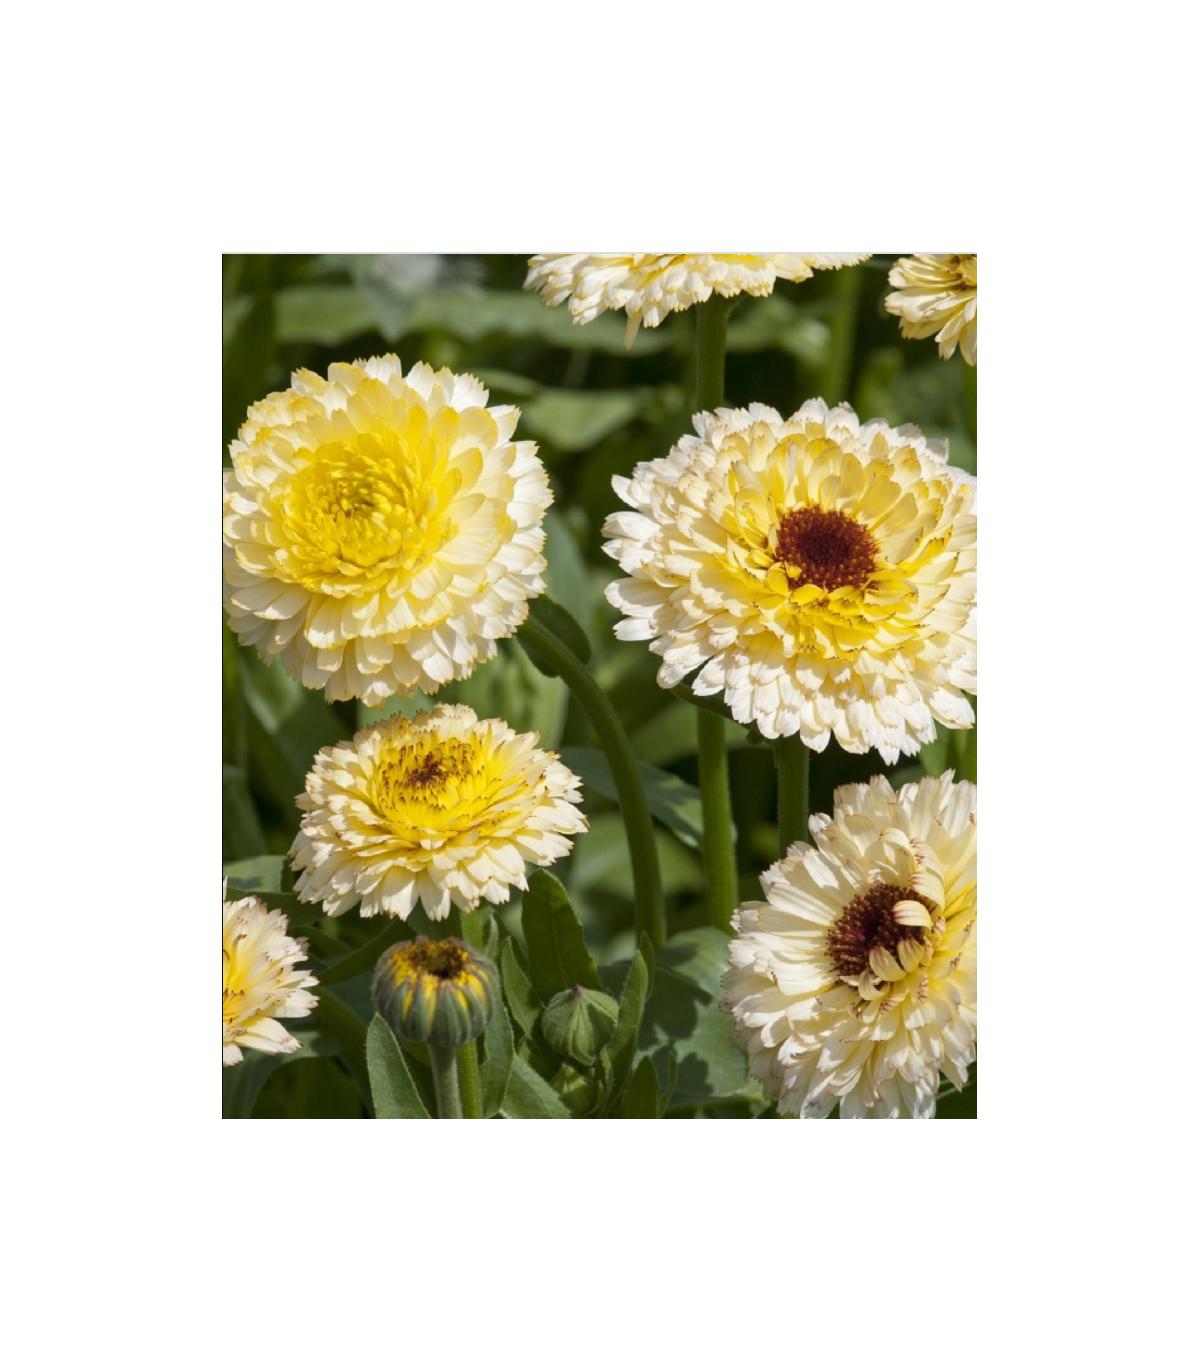 Nechtík lekársky Ivory Princess - Calendula officinalis - semená nechtíka - 40 ks